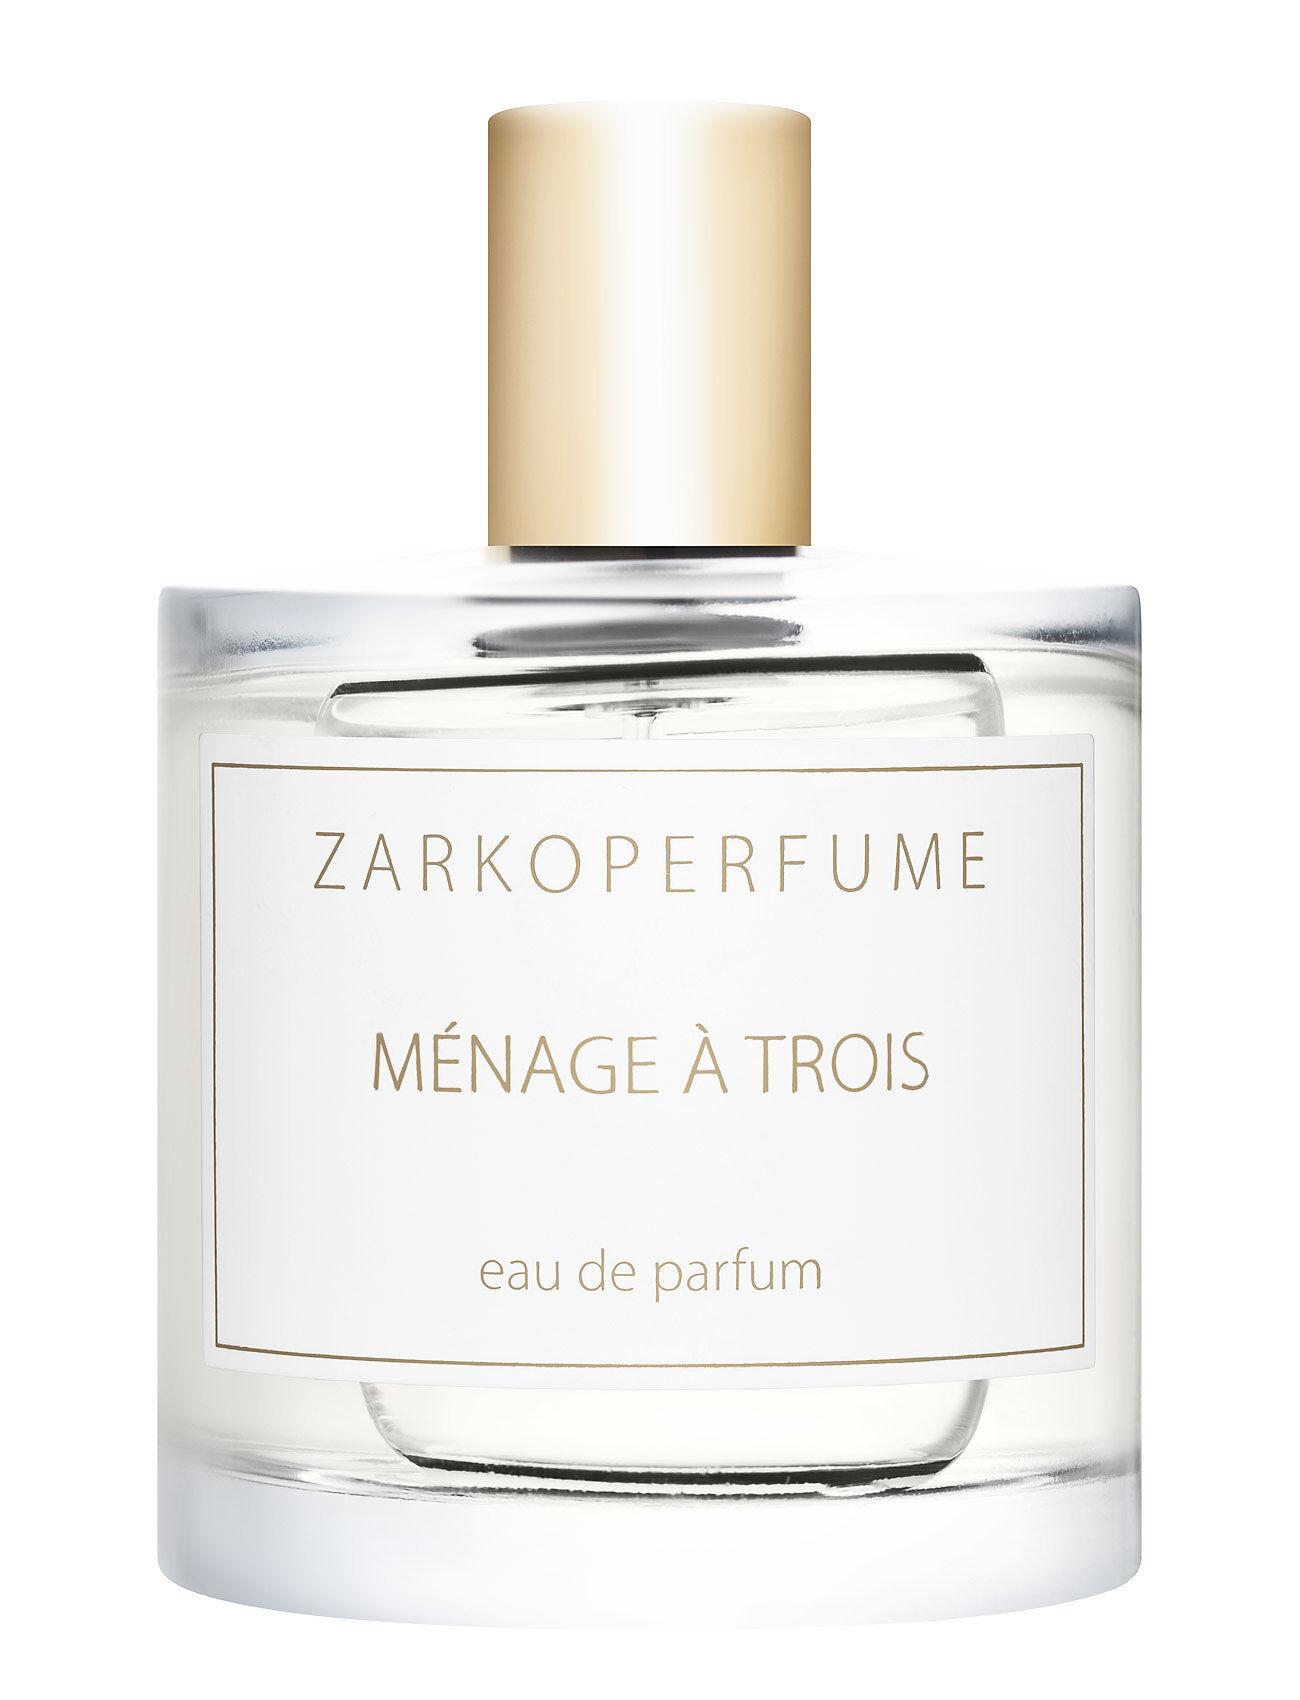 Zarkoperfume MéNage À Trois Eau De Parfum Hajuvesi Eau De Parfum Nude Zarkoperfume